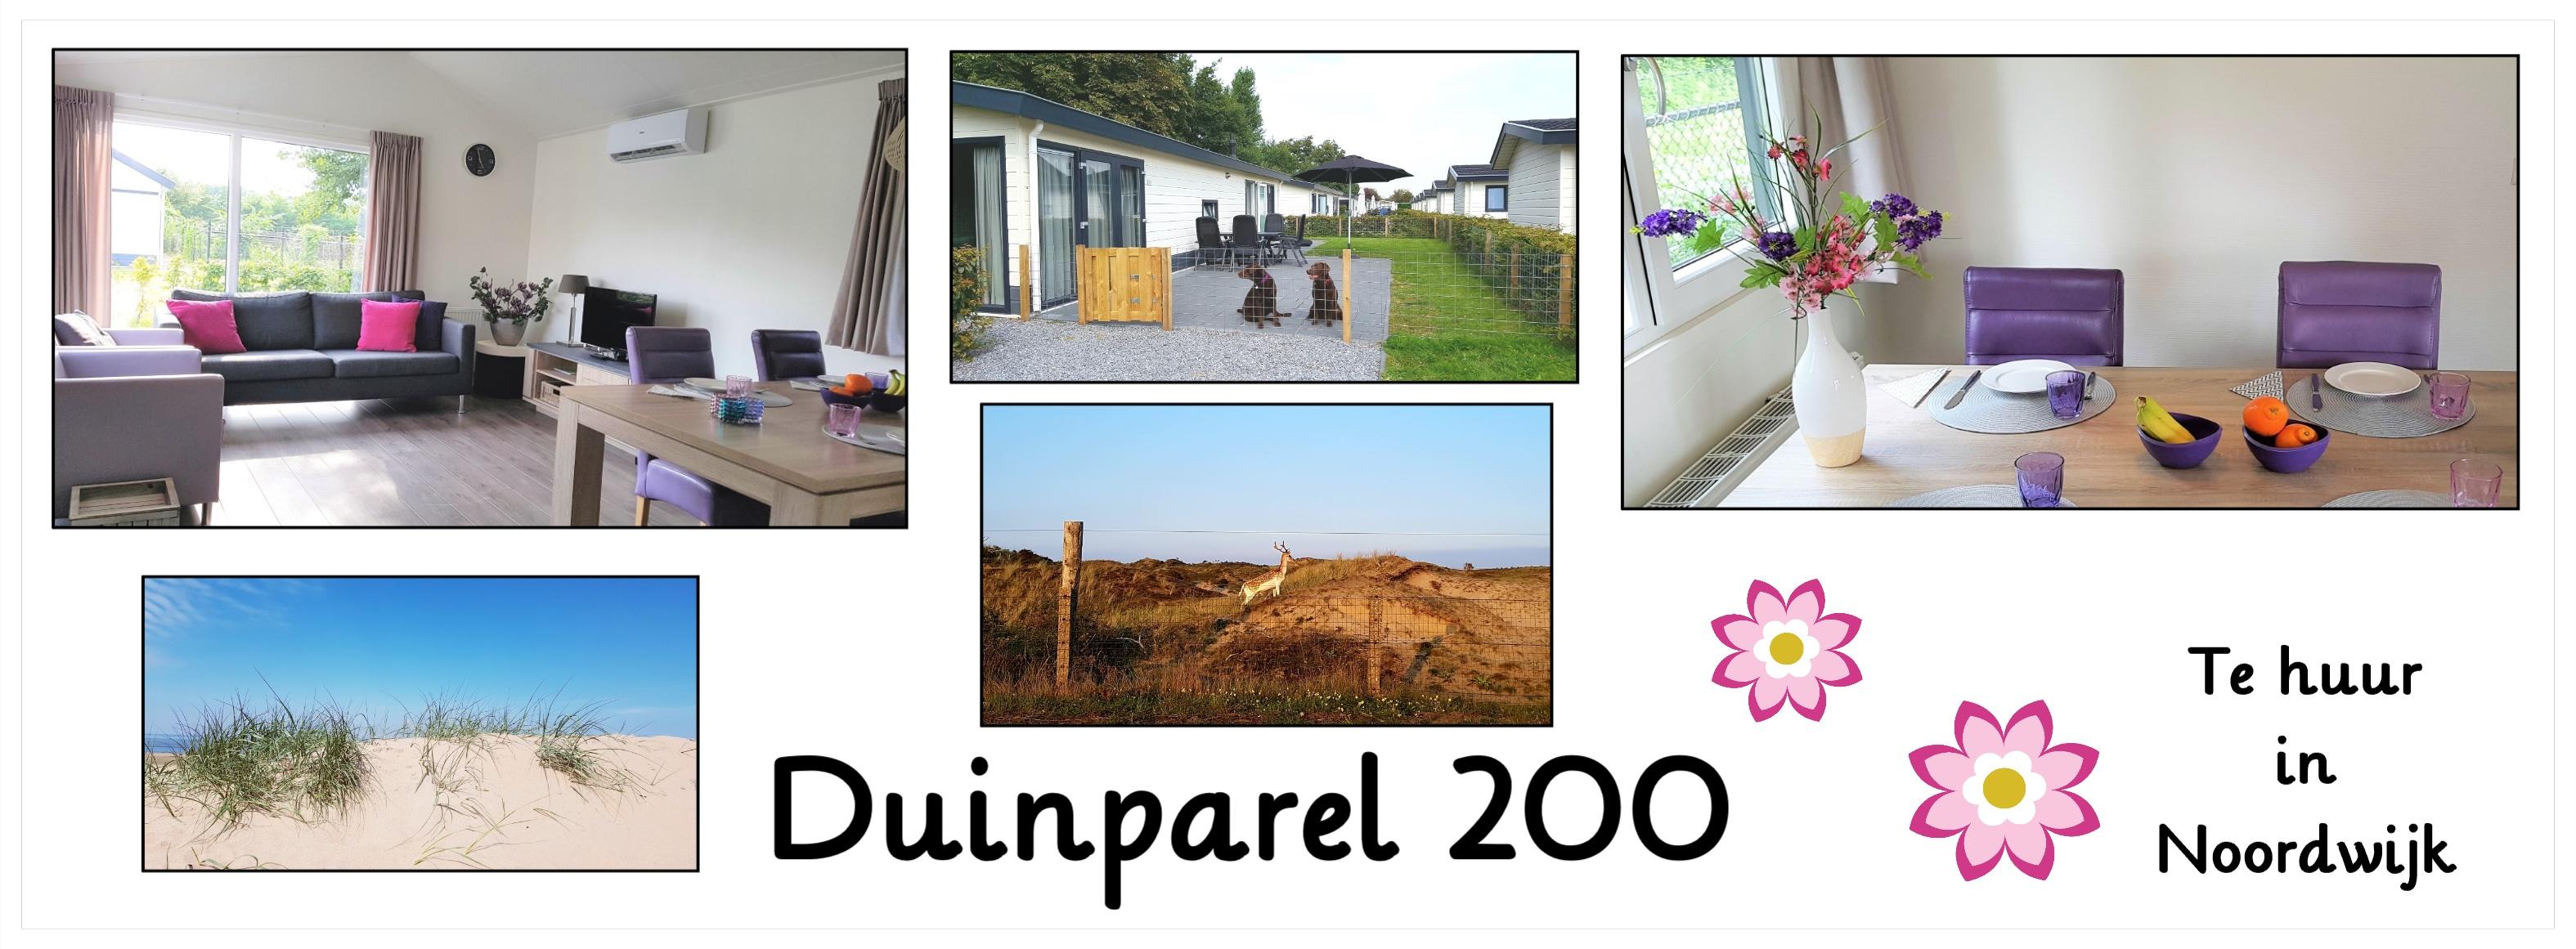 Duinparel 200